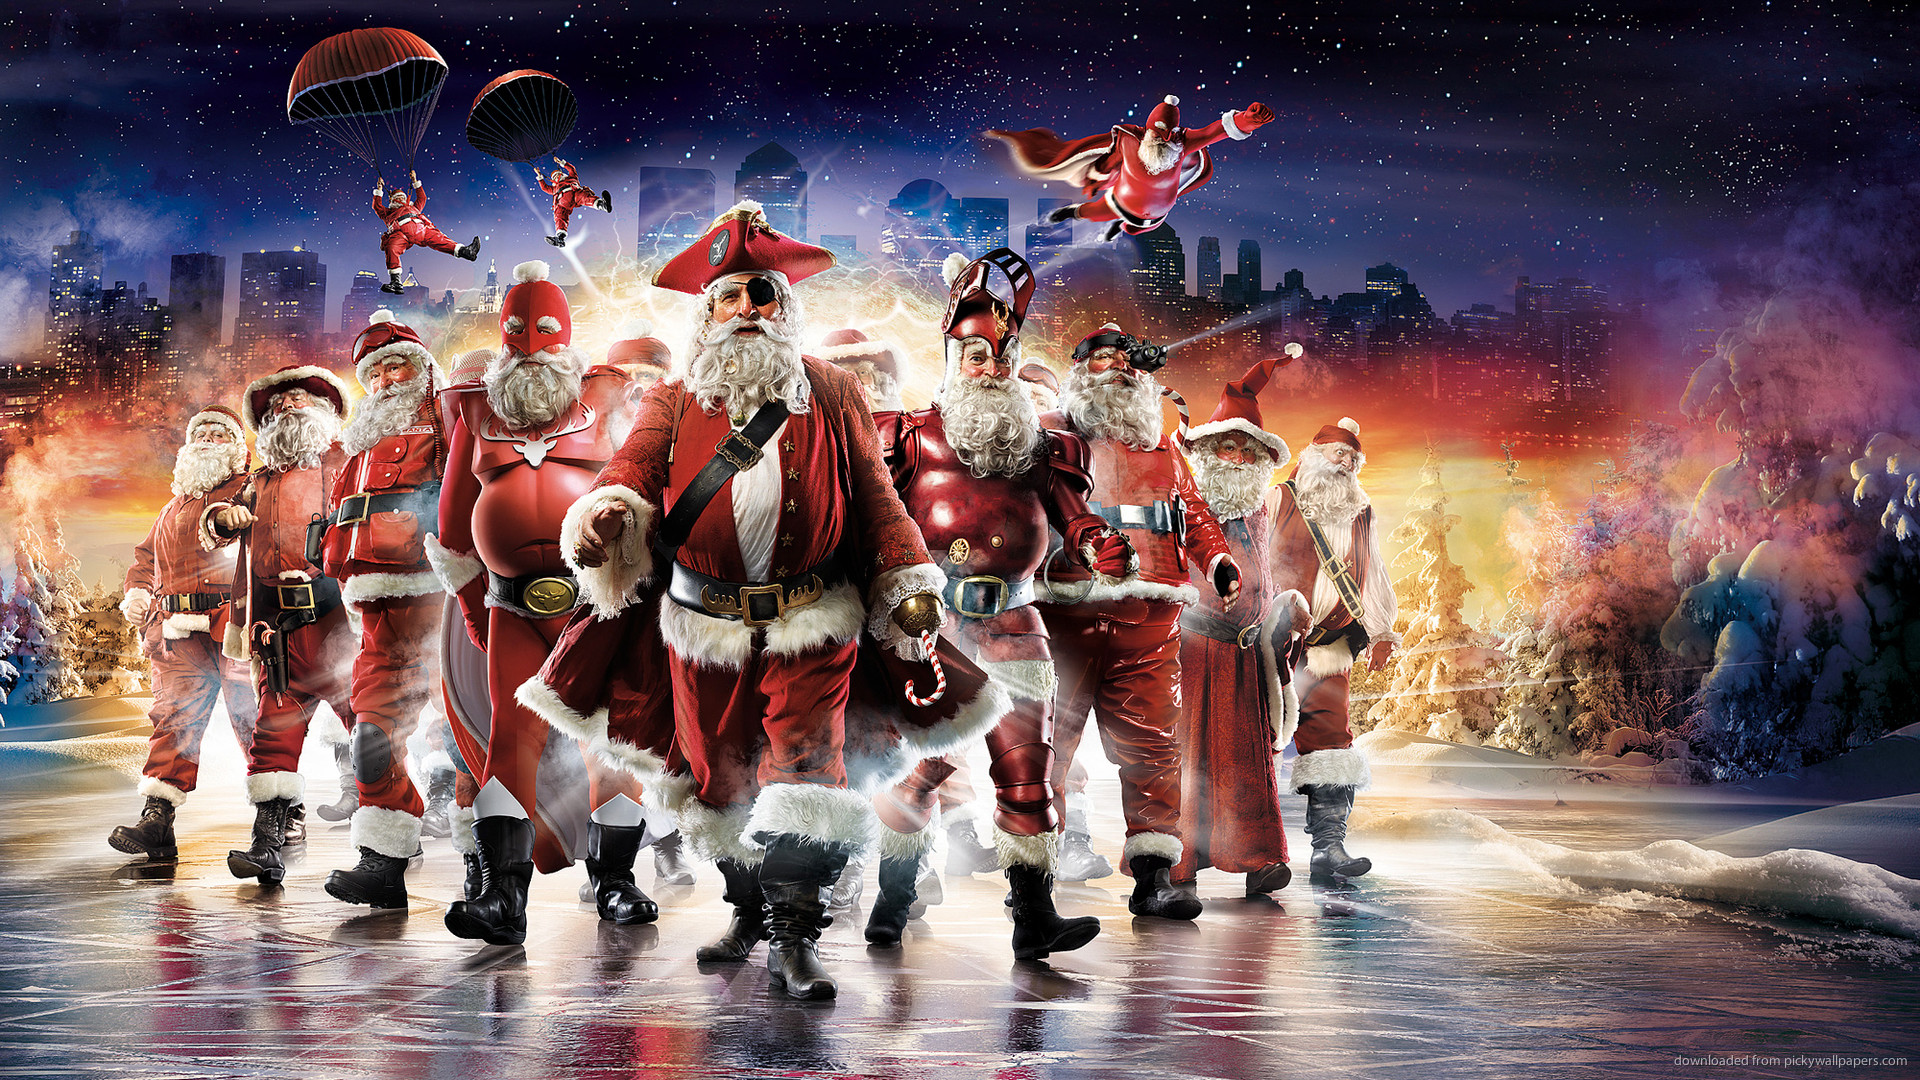 HD Superheroes Christmas wallpaper